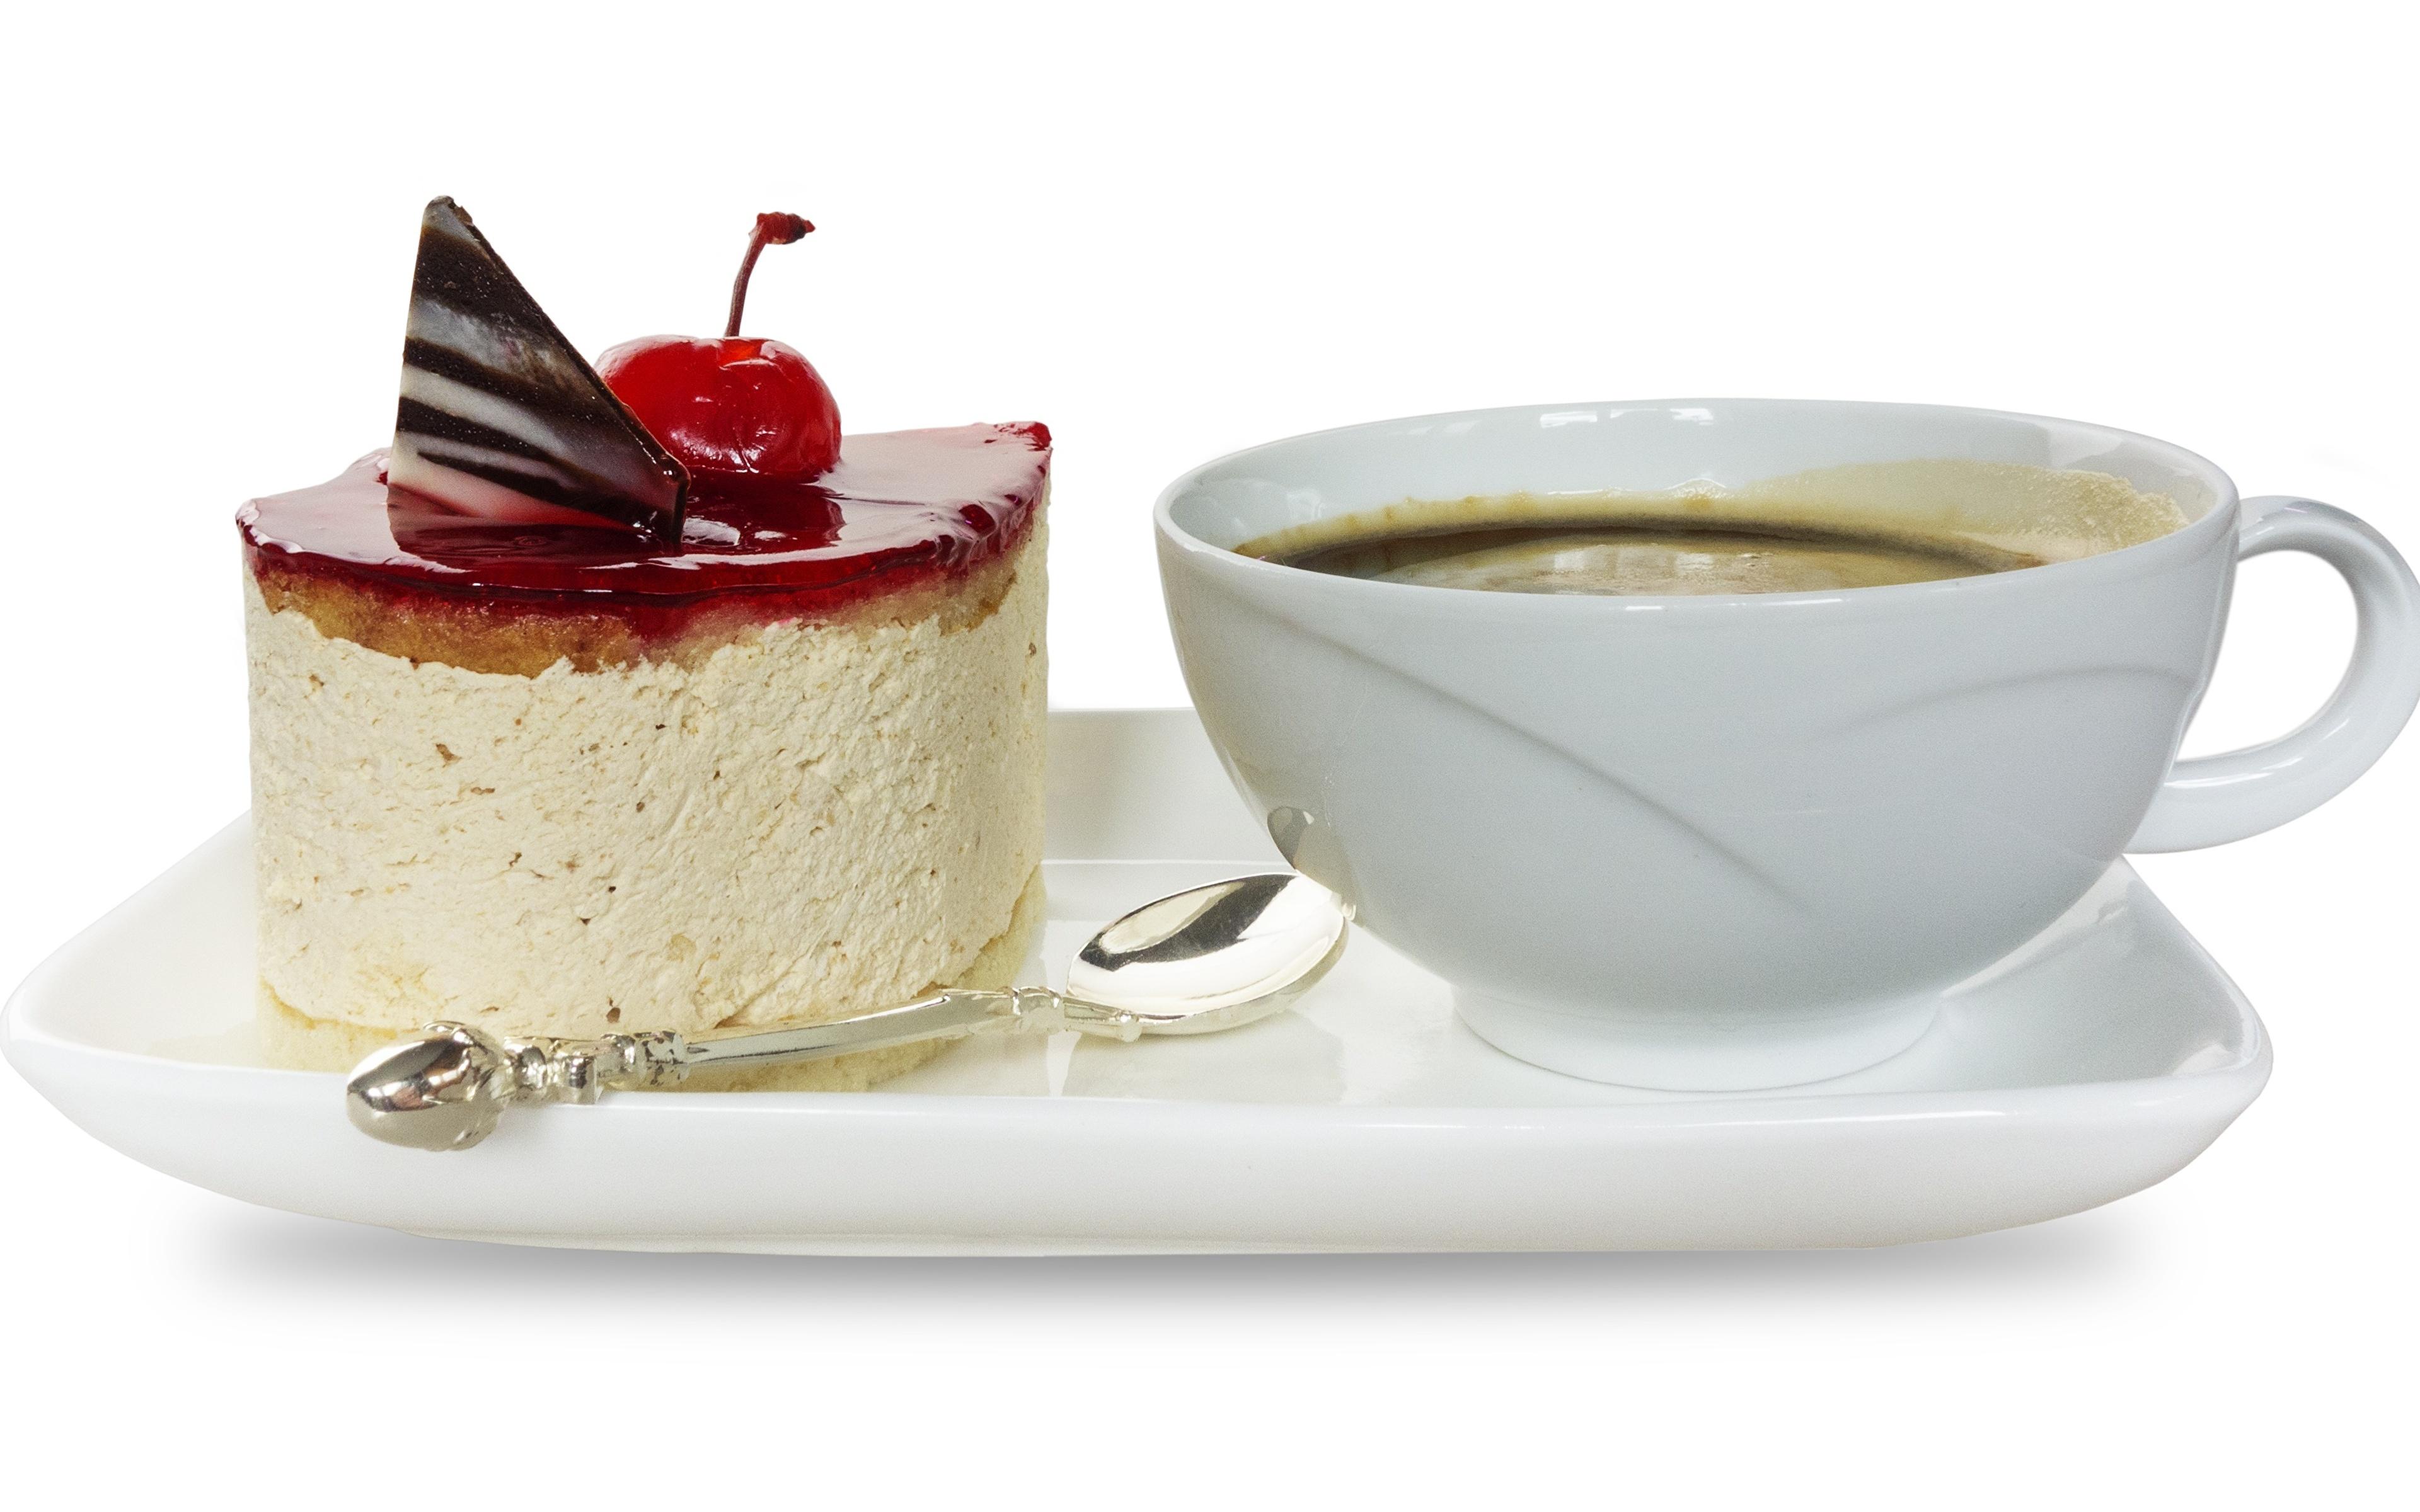 Обои для рабочего стола Кофе Торты Завтрак Десерт Пища чашке Белый фон 3840x2400 Еда Чашка Продукты питания белом фоне белым фоном